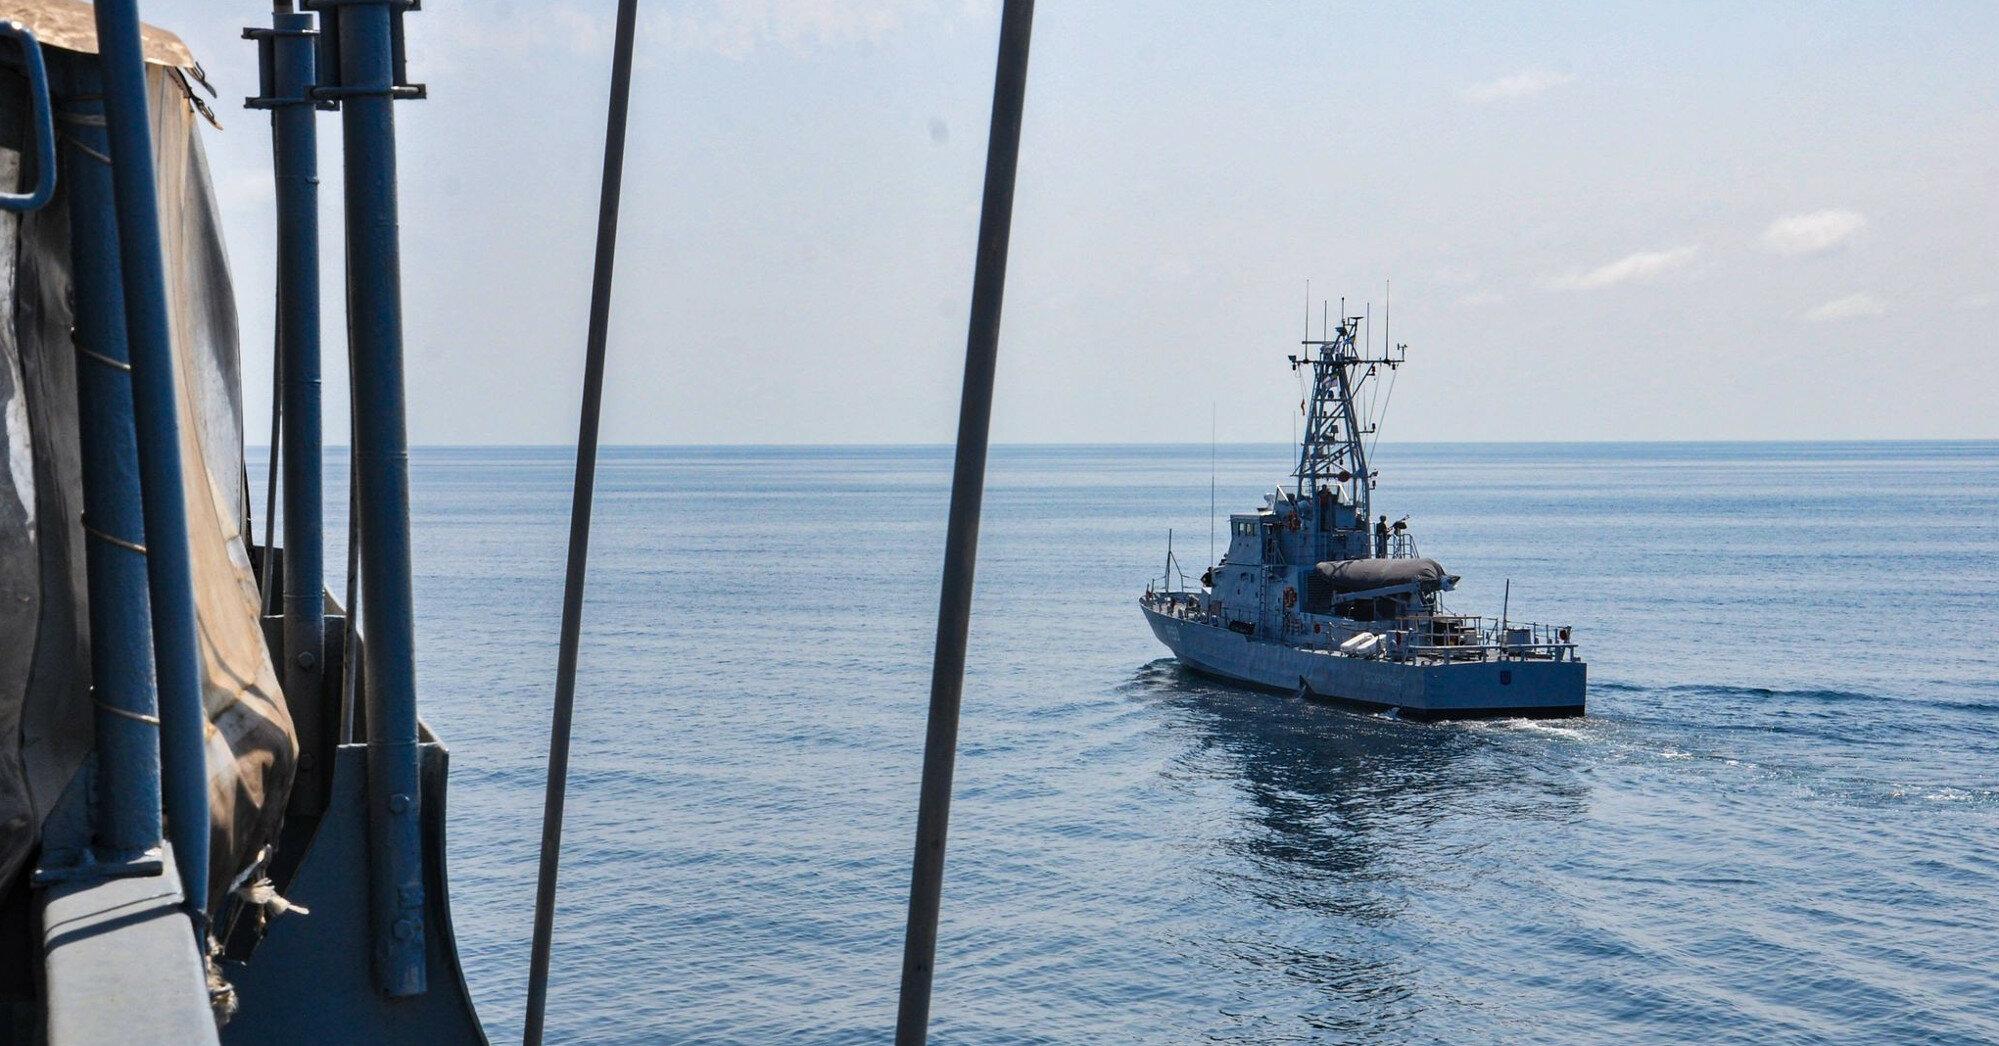 Украина обратилась к России из-за действий в Черном море